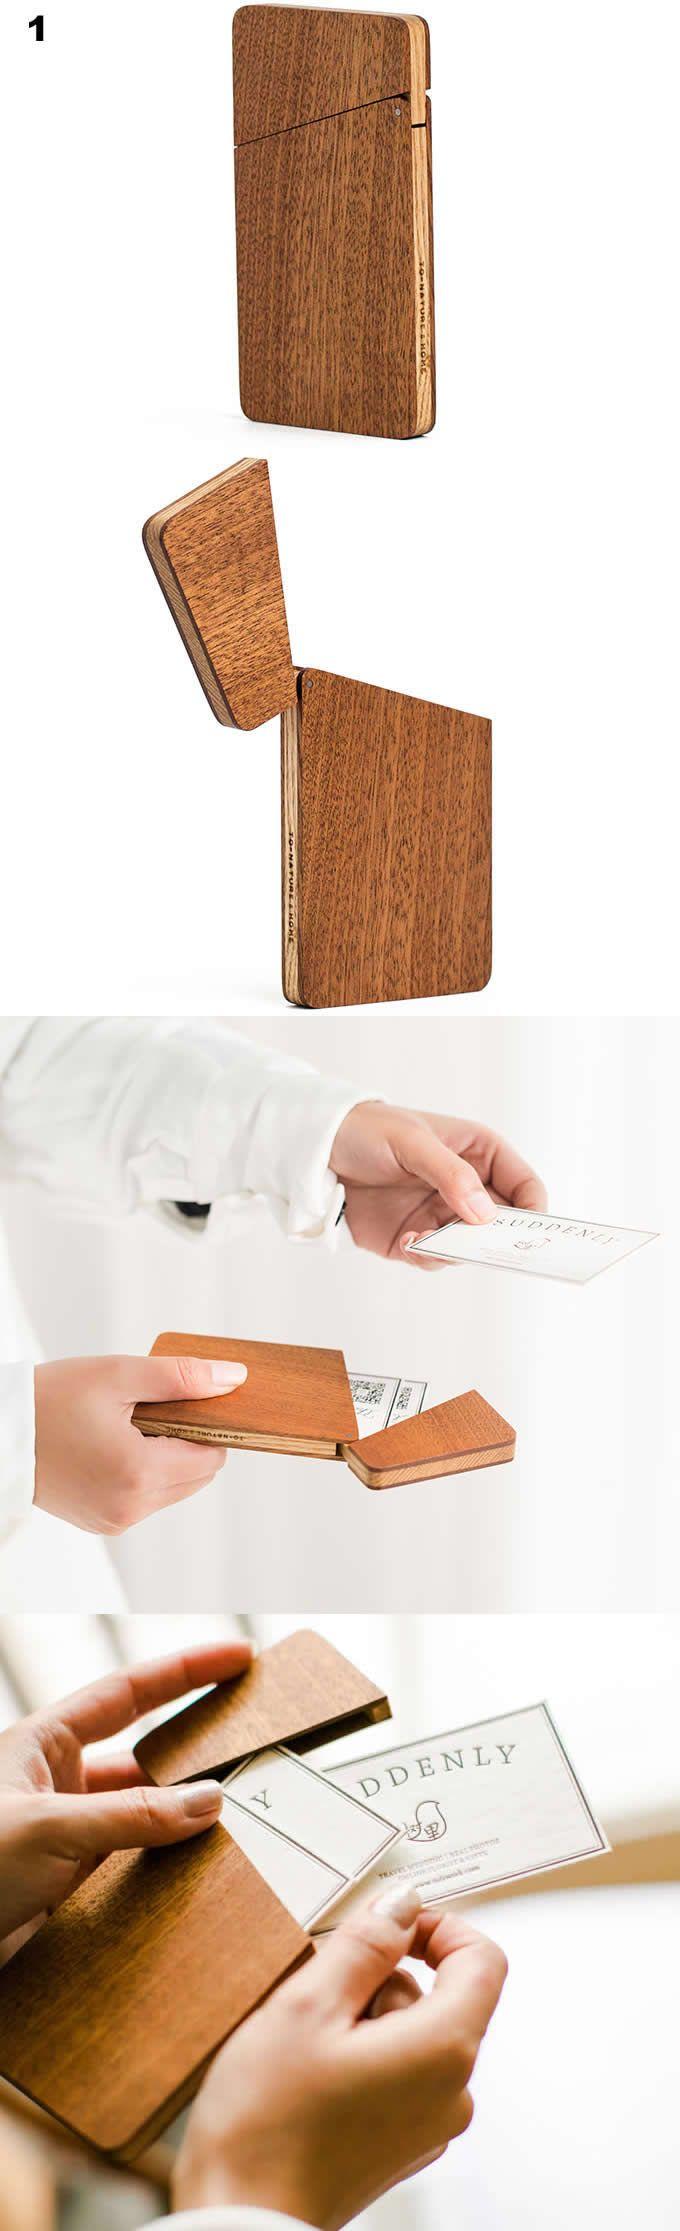 Handmade Wooden Business Card Case Holder | Cool Stuff | Pinterest ...